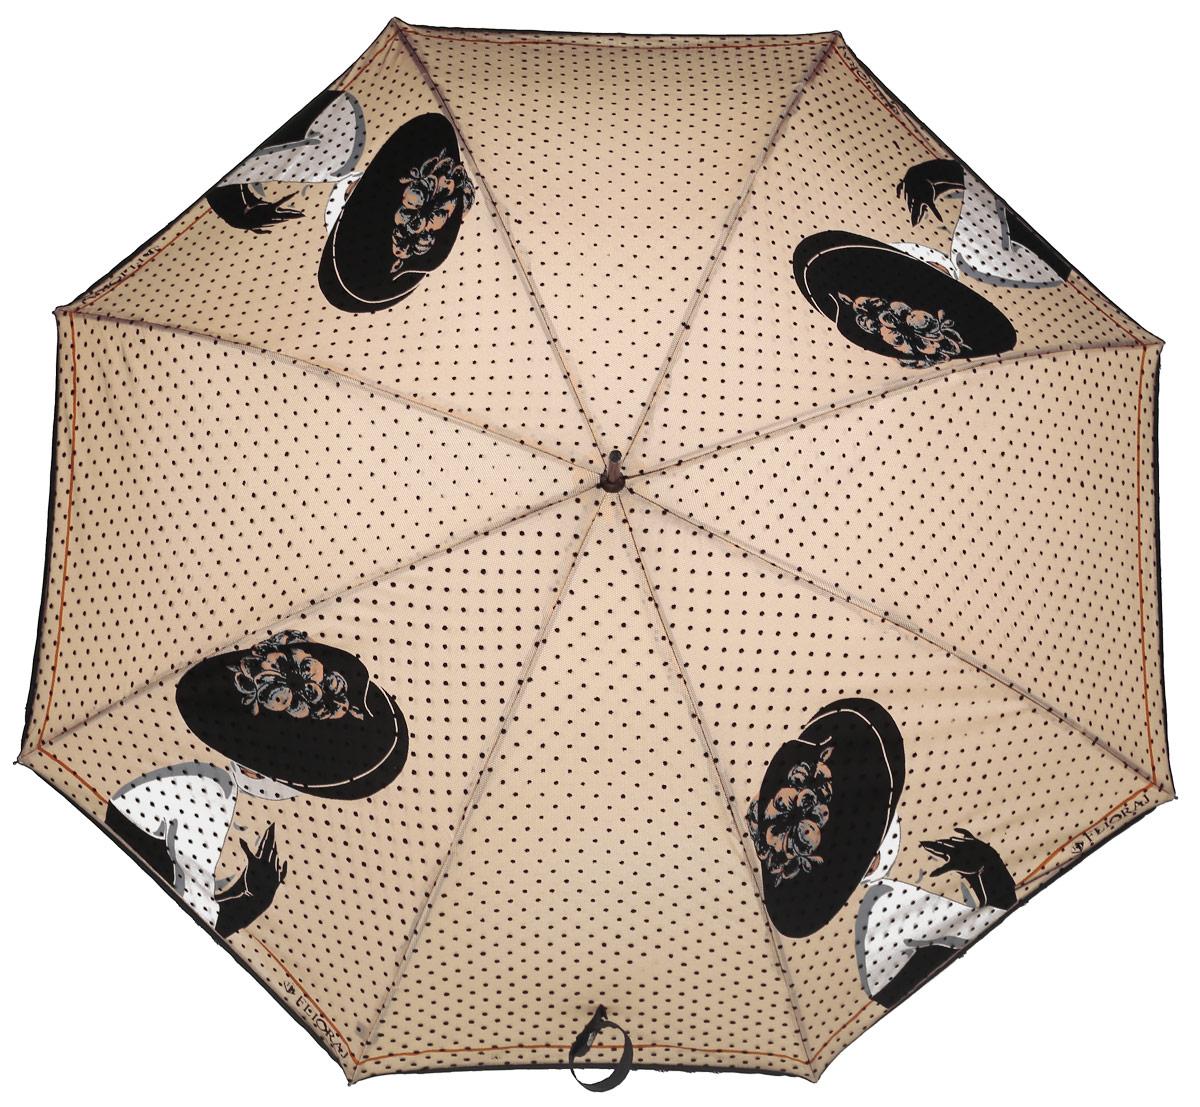 Зонт женский Flioraj, механика, трость, цвет: бежевый, черный. 121201 FJ45100948B/32793/5900NЭлегантный зонт Flioraj выполнен из высококачественного полиэстера, не пропускающего воду. Уникальный каркас из анодированной стали, карбоновые спицы помогут выдержать натиск ураганного ветра. Улучшенный механизм зонта, максимально комфортная ручка держателя, увеличенный в длину стержень, тефлоновая пропитка материала купола - совершенство конструкции с изысканностью изделия на фоне конкурентоспособной цены.